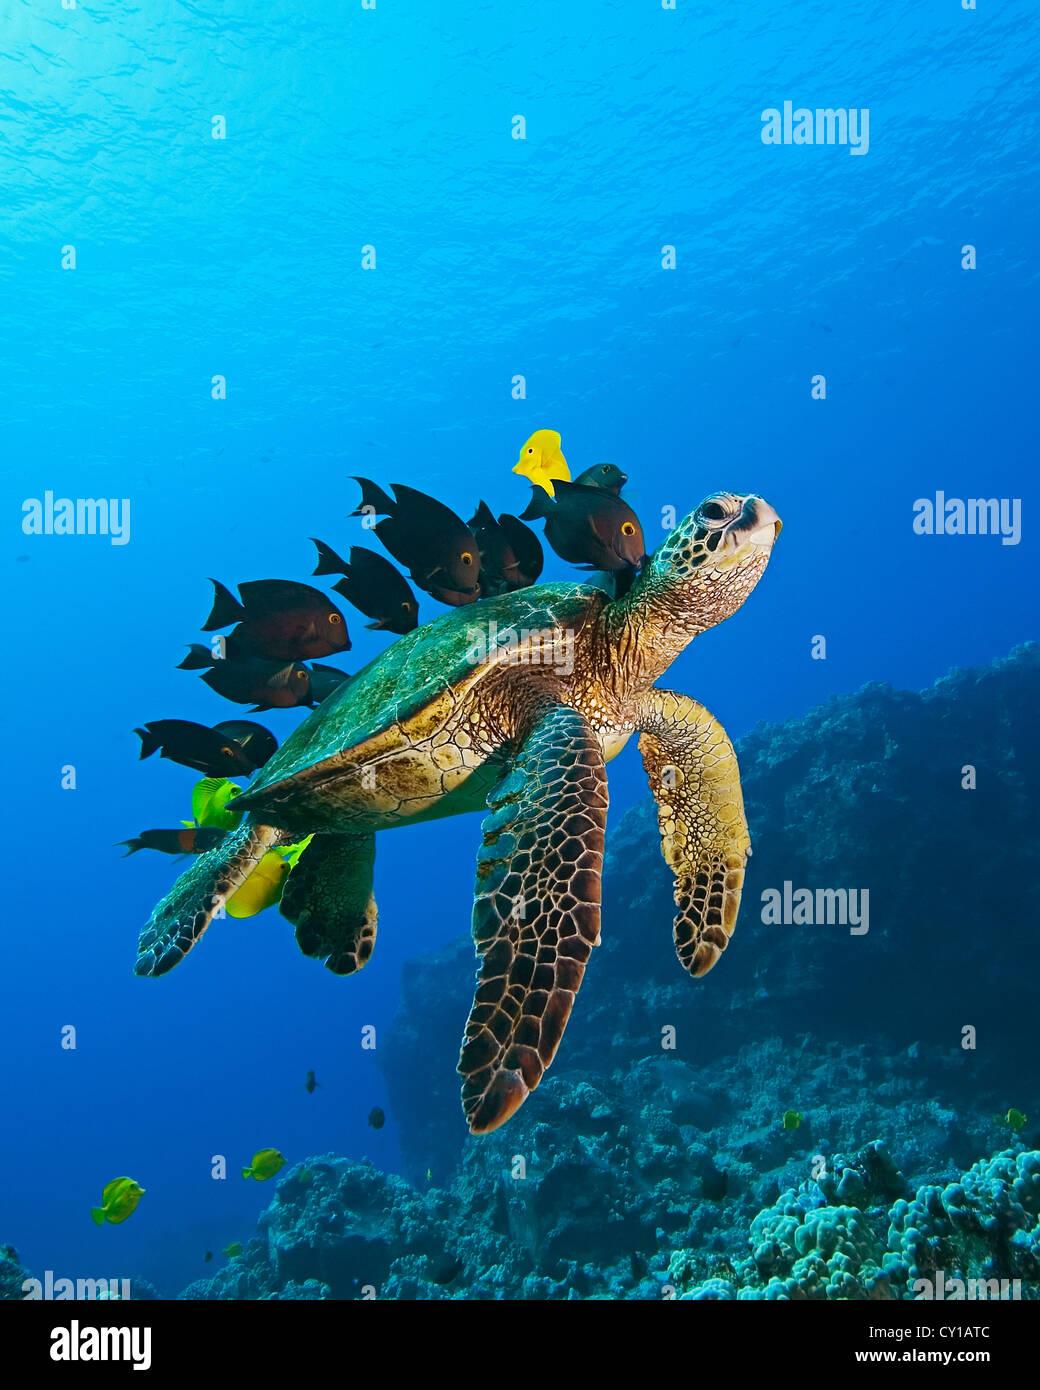 Tortuga de Mar Verde limpiados por peces, Chelonia mydas, Big Island, Hawaii, EE.UU. Imagen De Stock